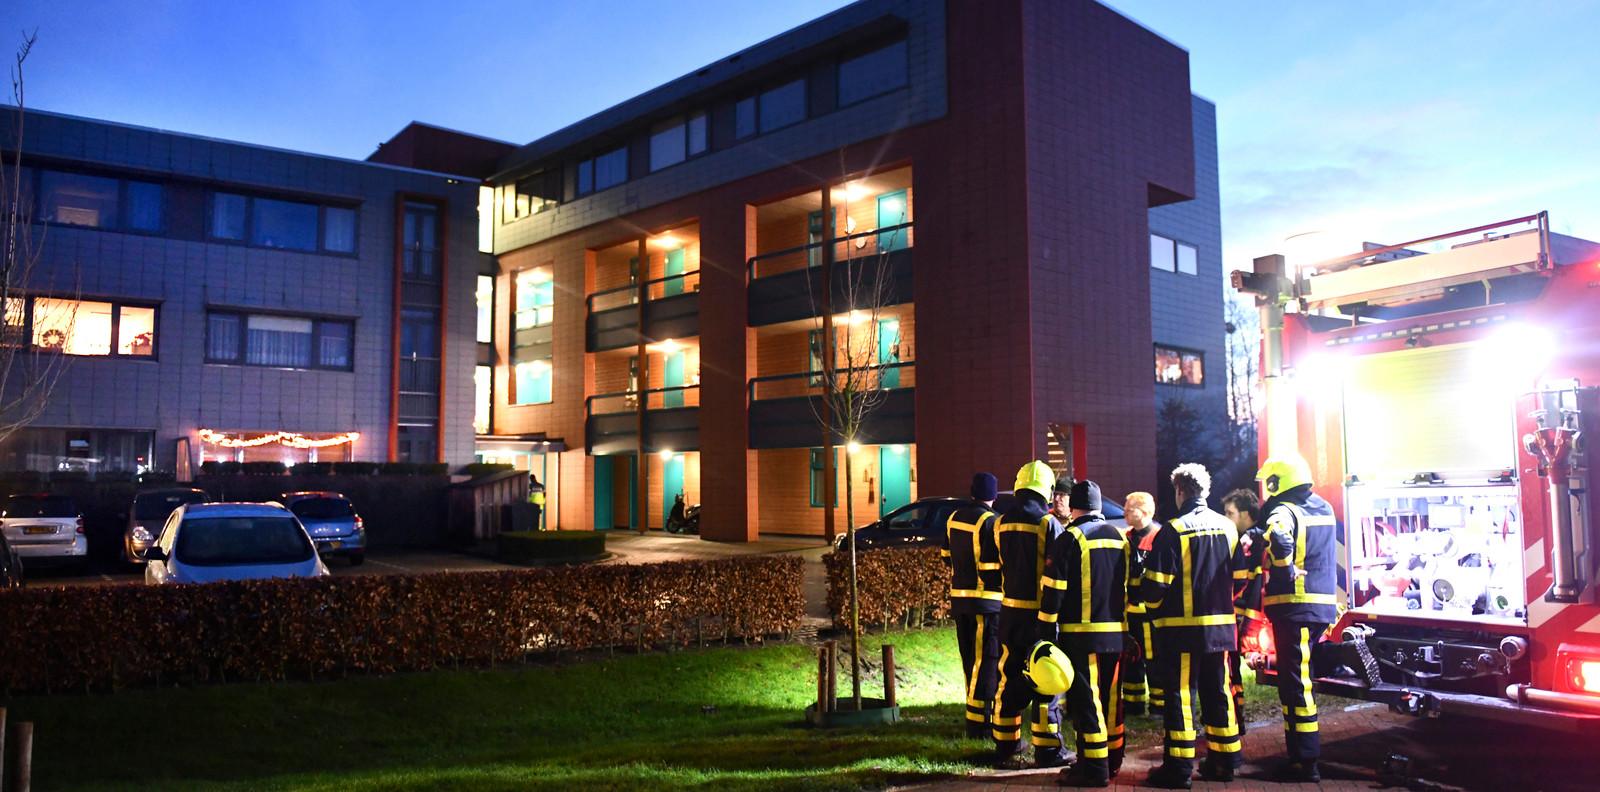 De brand in een appartementencomplex aan de Concorde in Buren waarbij het levenloze lichtaam van Nathalie werd gevonden.